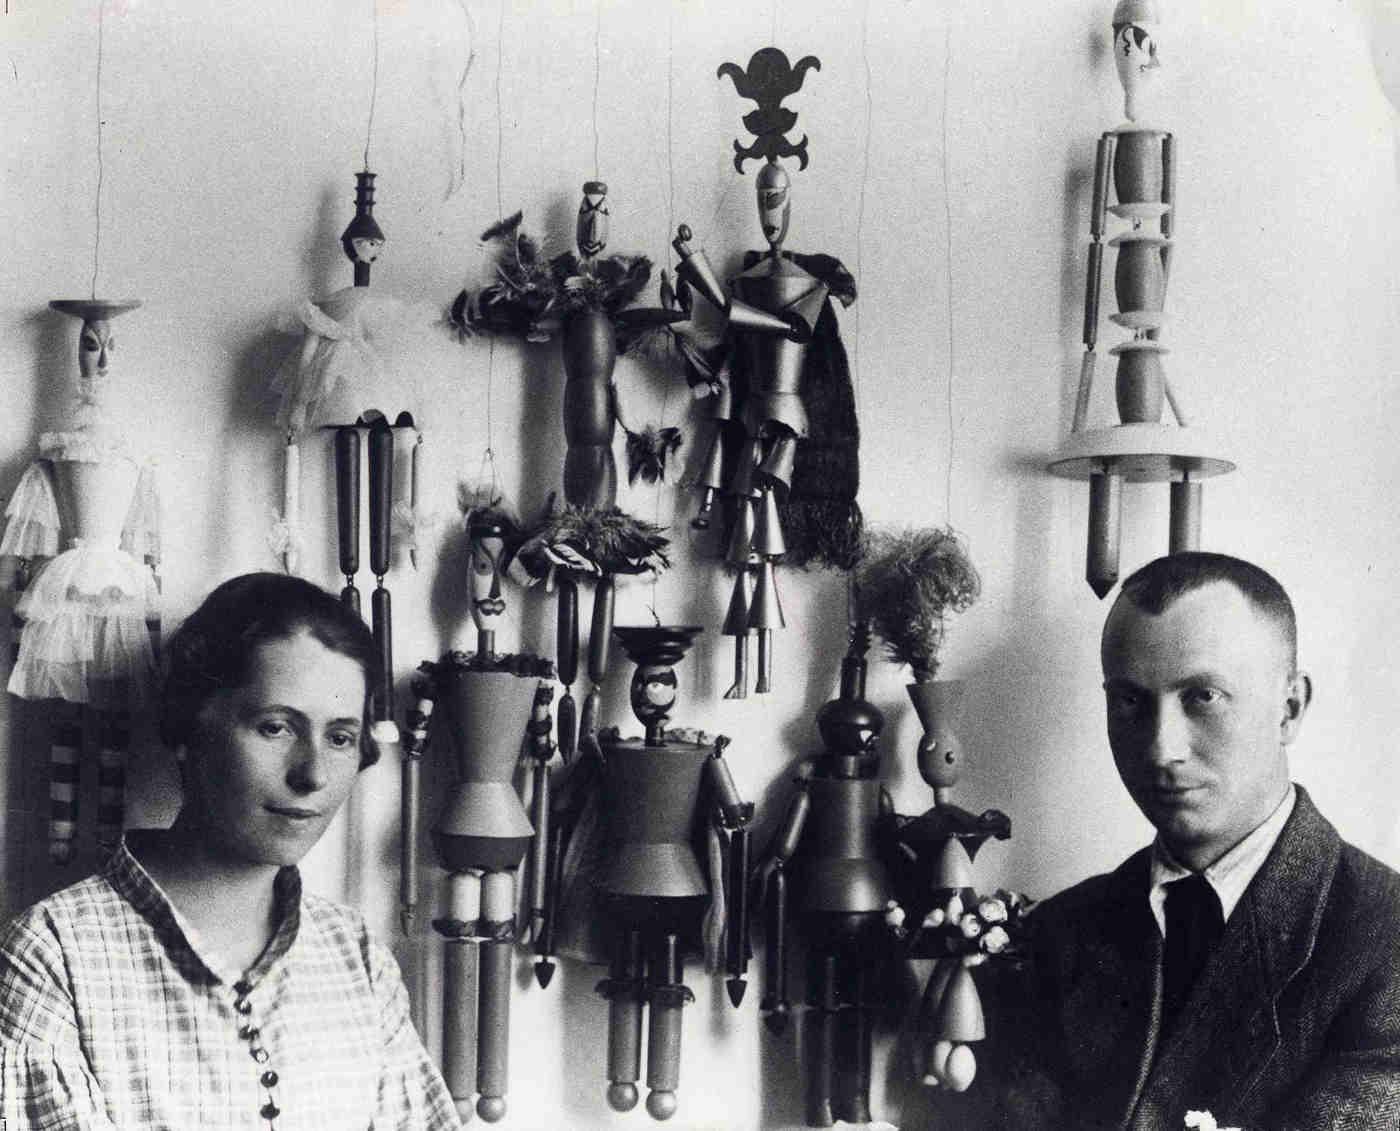 Sophie Taeuber und Hans Arp vor den Marionetten für das Stück »König Hirsch«, Zürich 1918 | Foto: Ernst Linck – Archiv Stiftung Arp e. V., Berlin/Rolandswerth